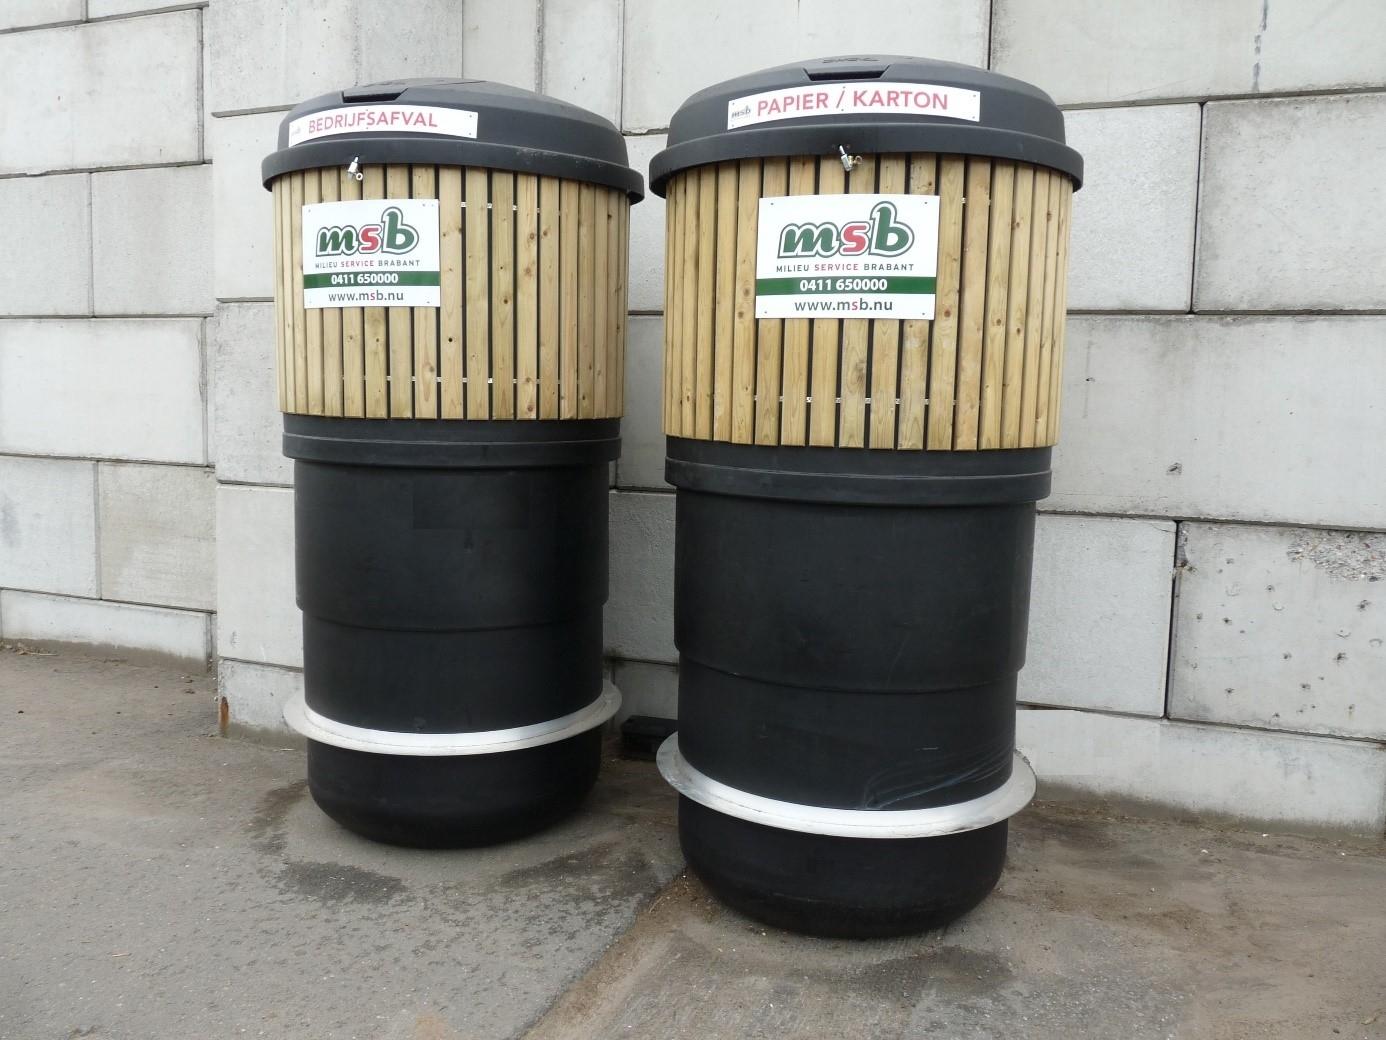 Semi-ondergrondse containers